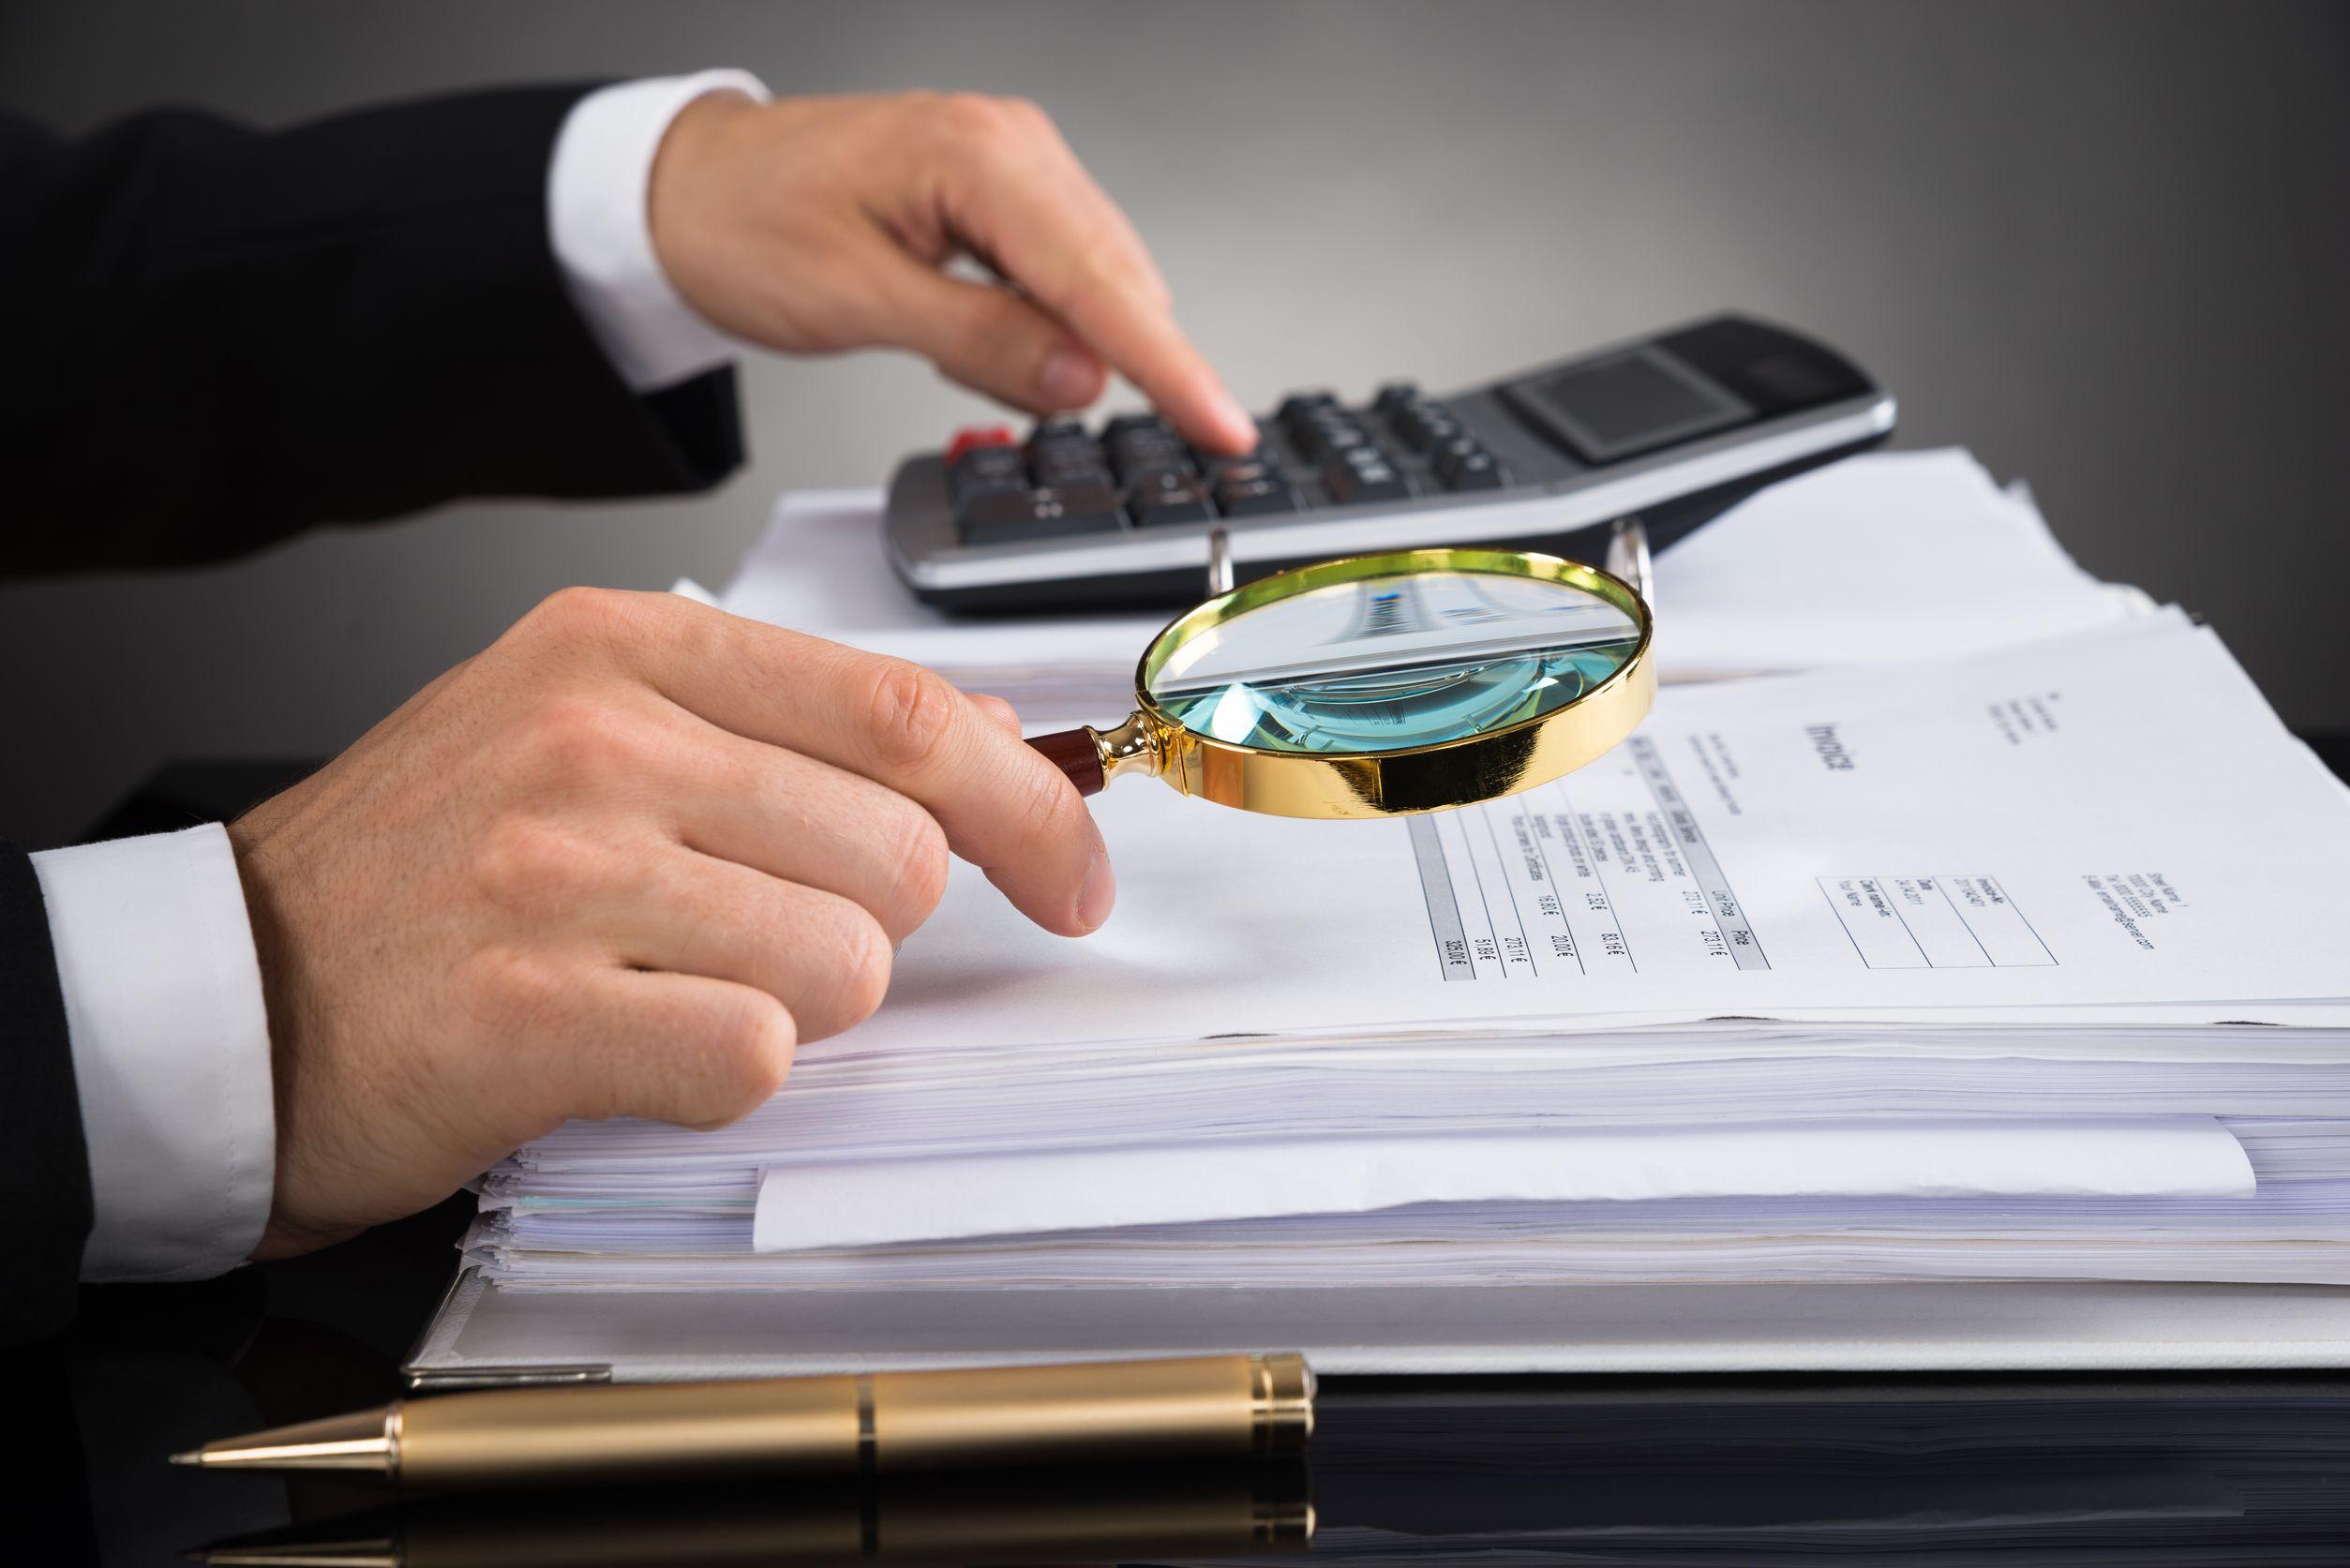 Применение форм и методов государственного контроля за налоговыми правонарушениями в России и некоторых иностранных государствах